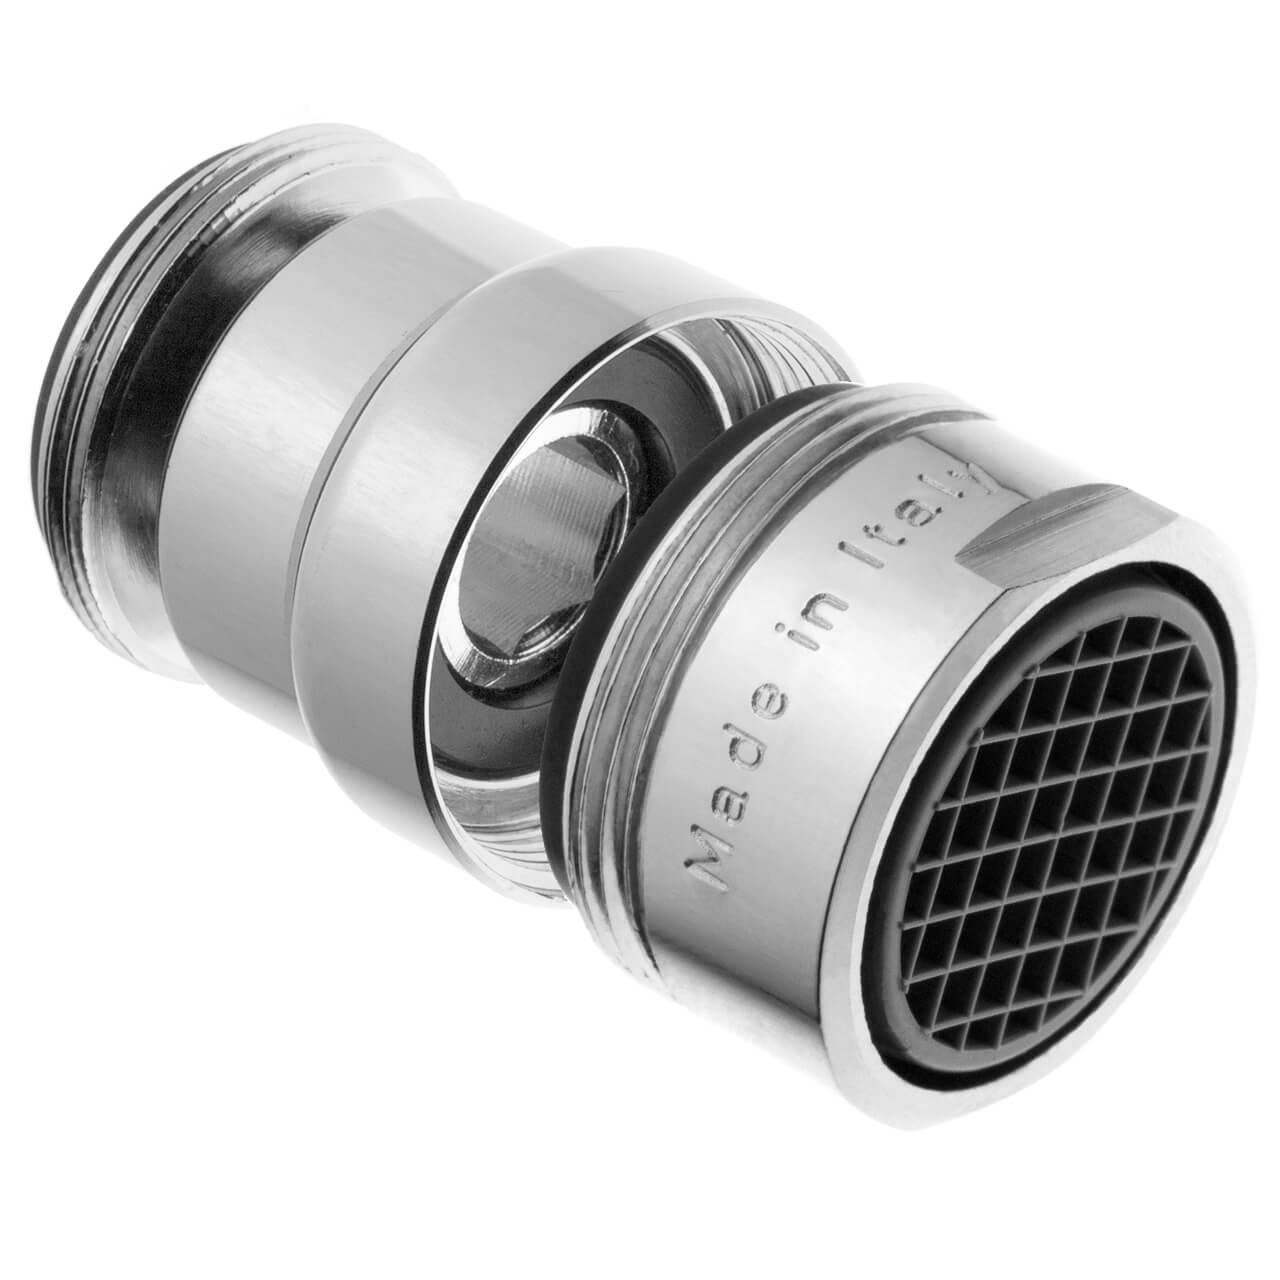 Rotule pour bec orientable pour aérateurs Terla FreeLime - Filetage M24x1 mâle - plus populaire